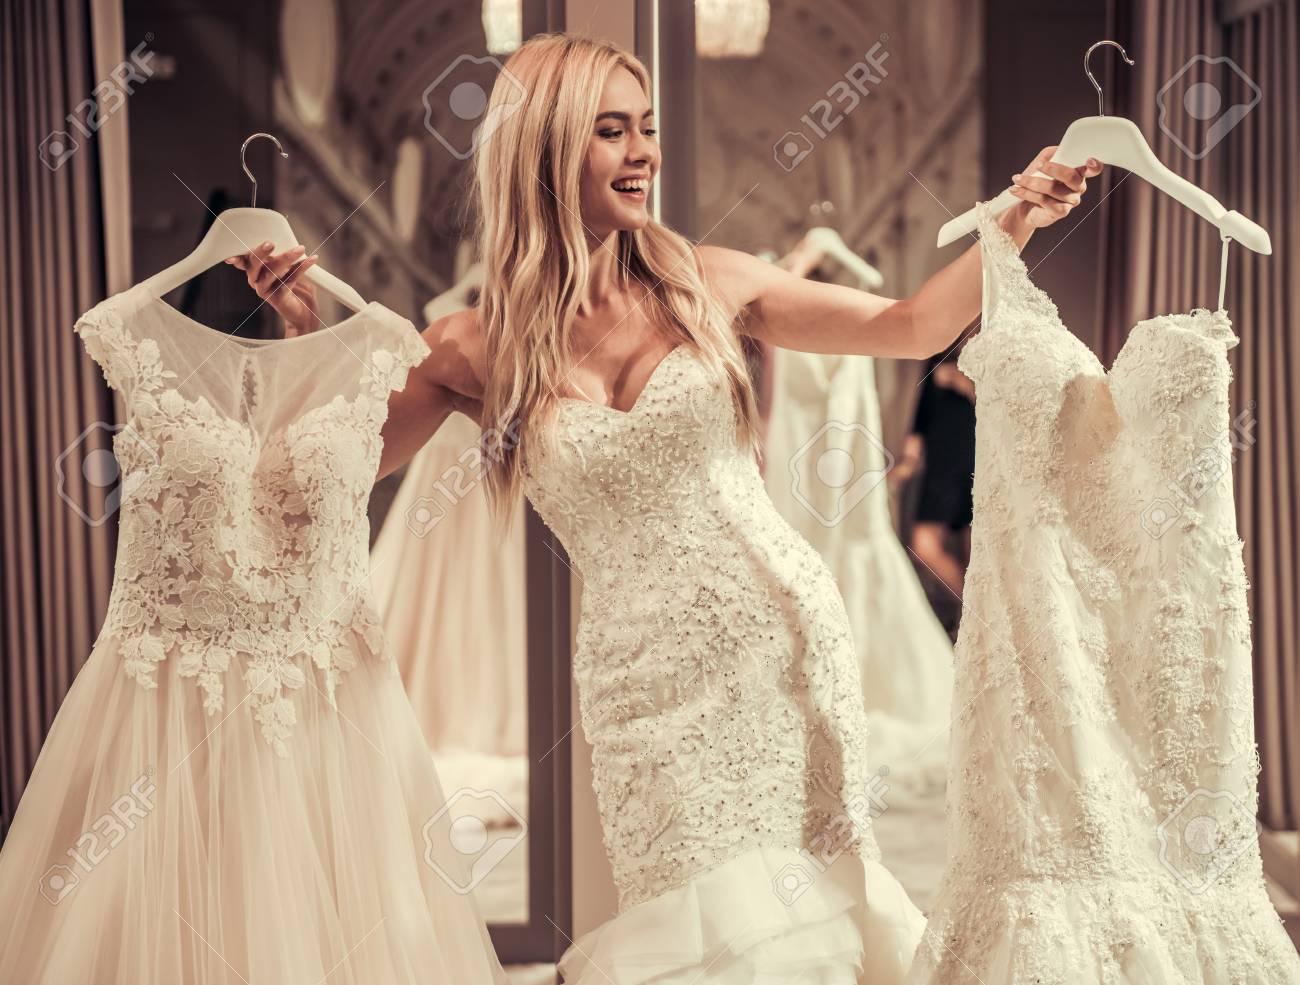 Atraente Jovem Noiva Está Sorrindo Ao Experimentar O Vestido De Casamento No Salão De Casamento Moderno